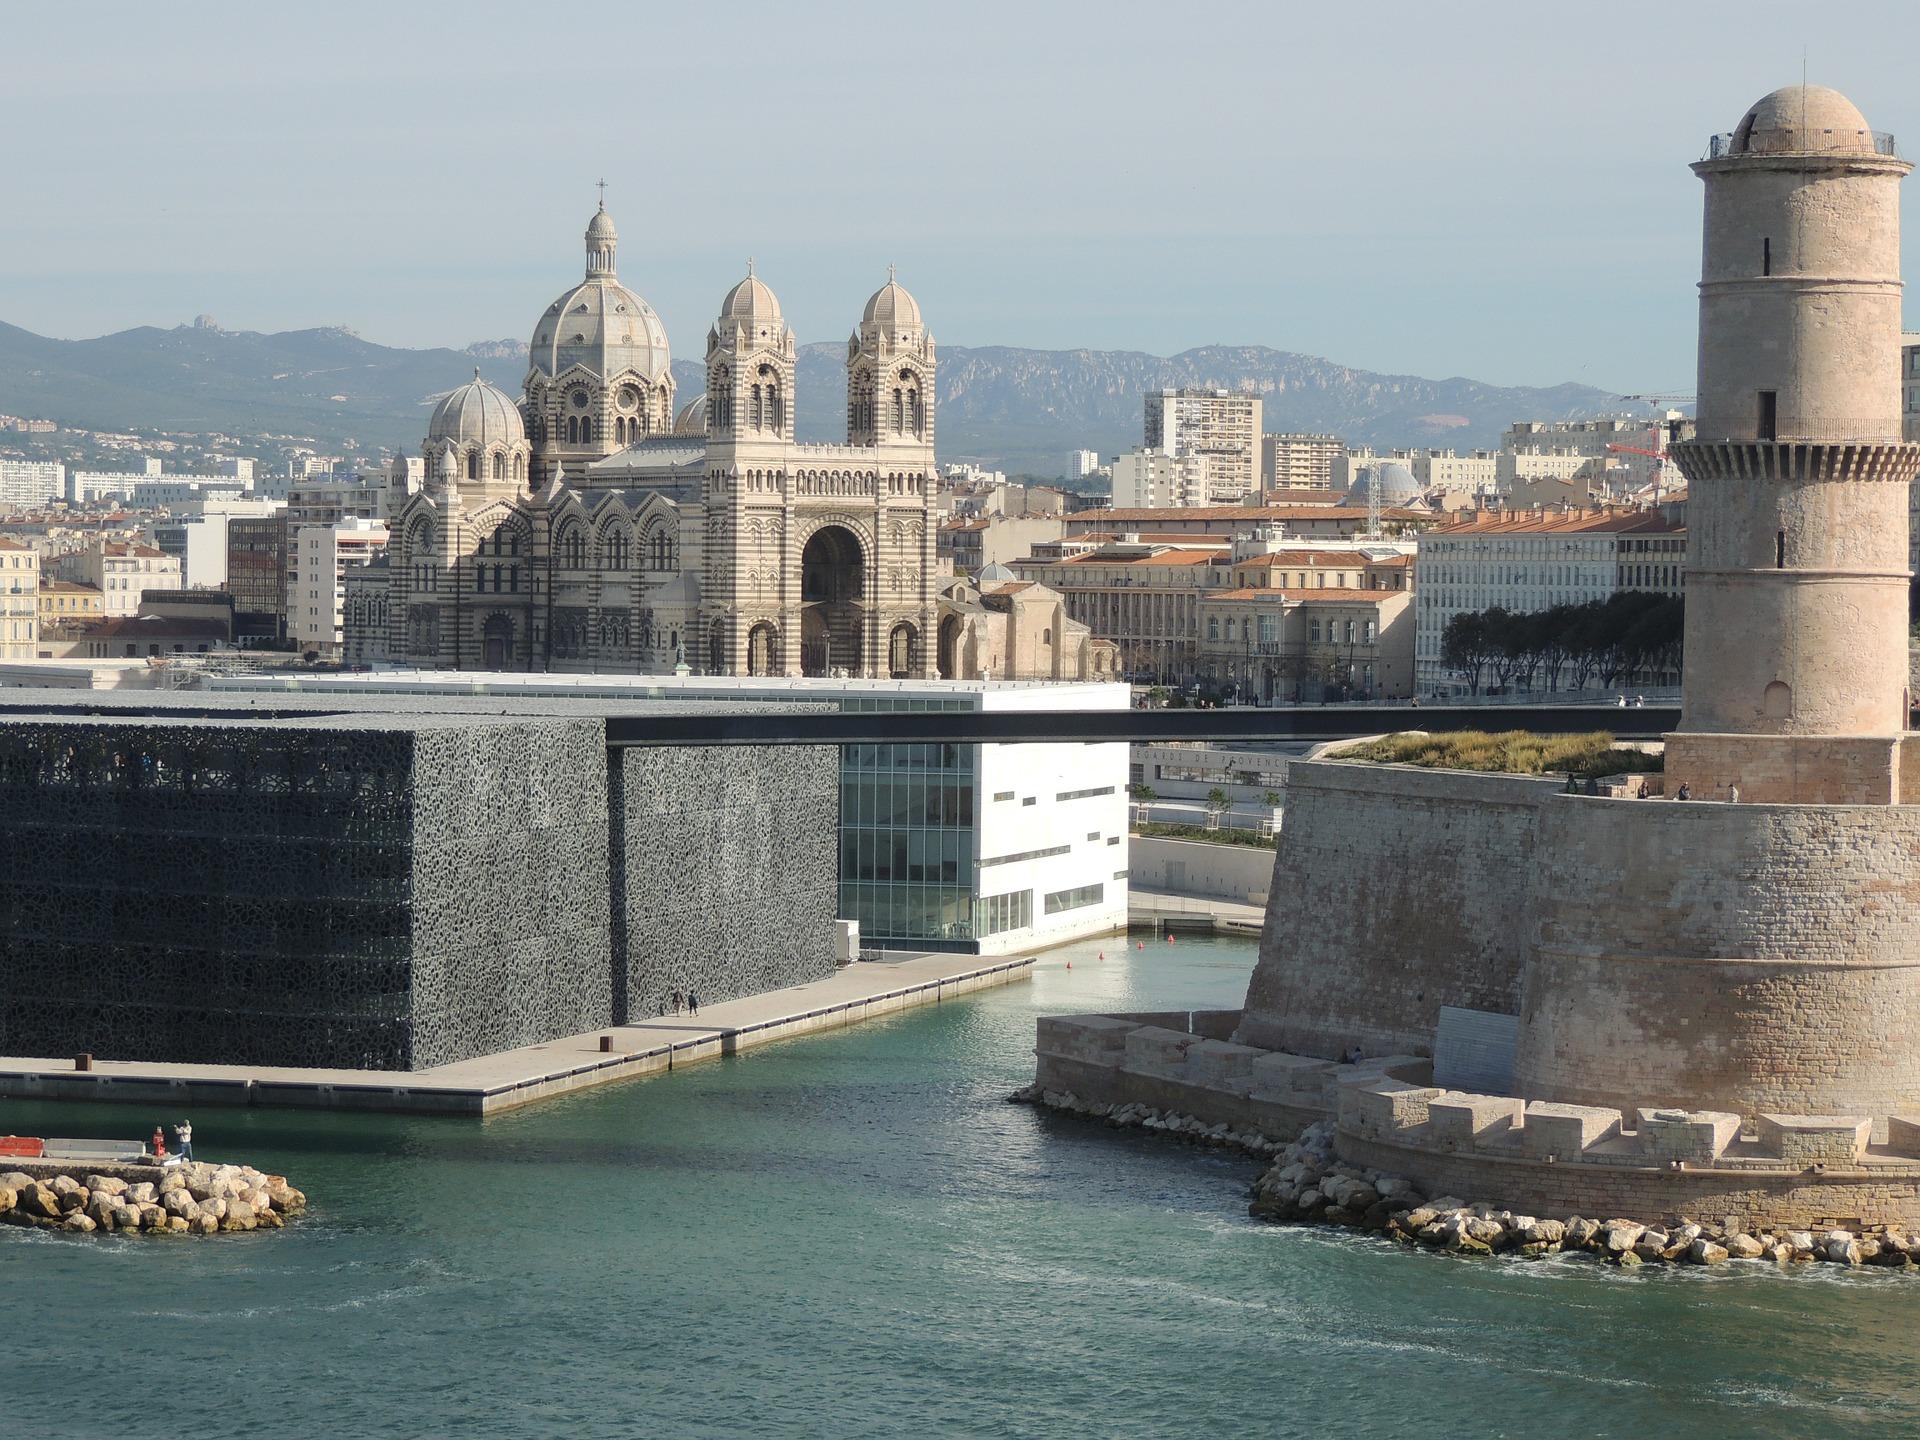 Visite virtuelle gratuite du Musée des civilisations de l'Europe et de la Méditerranée de MARSEILLE